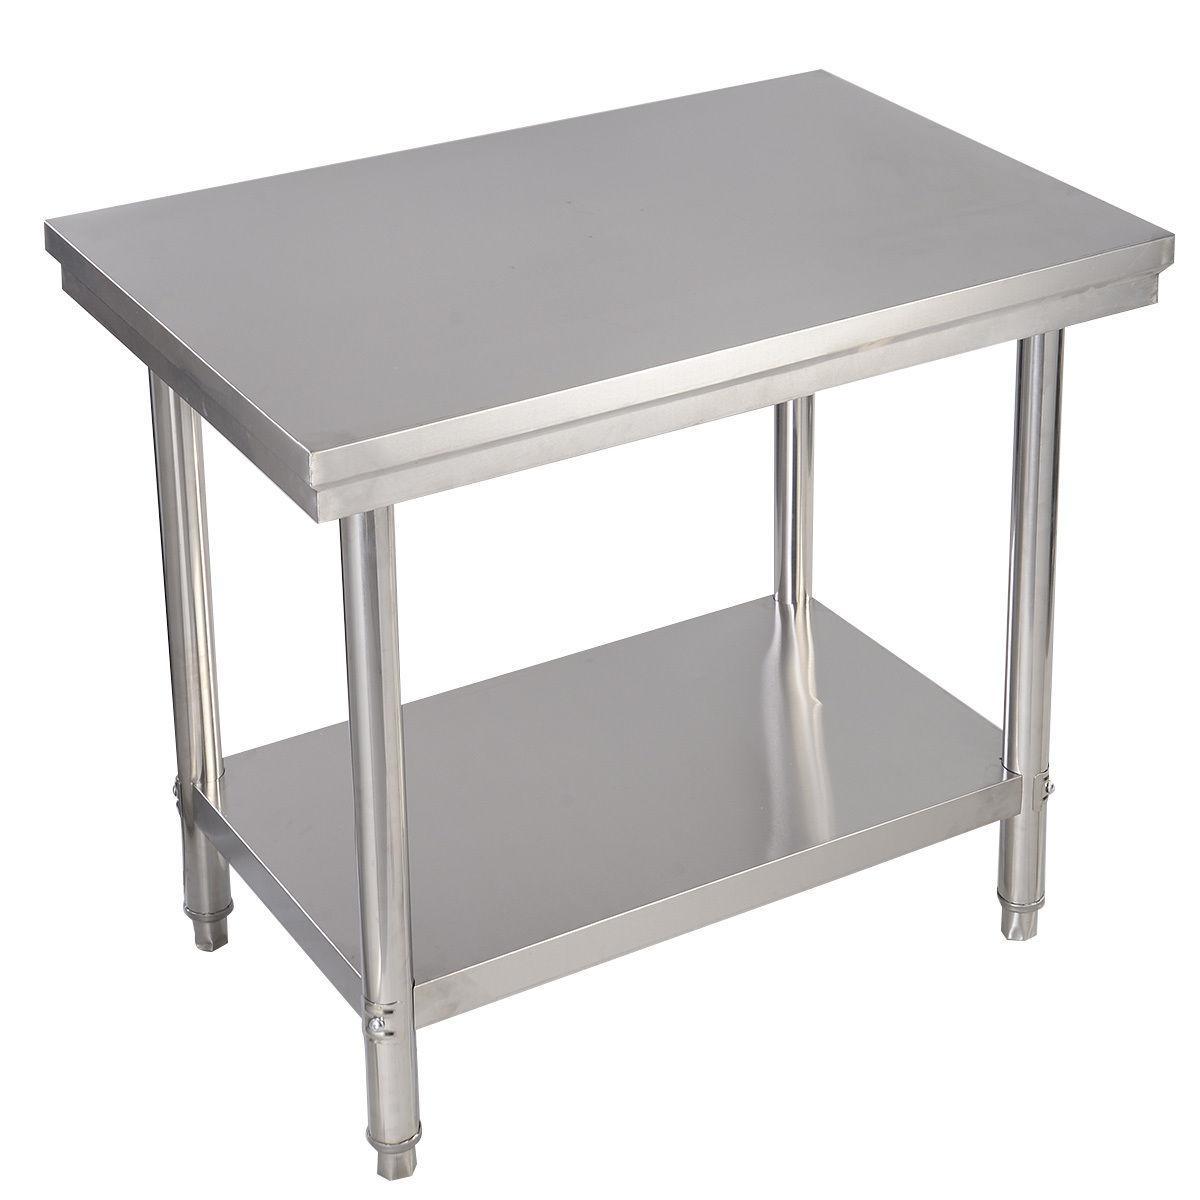 24 x 36 Tavolo da lavoro per cucina professionale da lavoro in acciaio  inossidabile